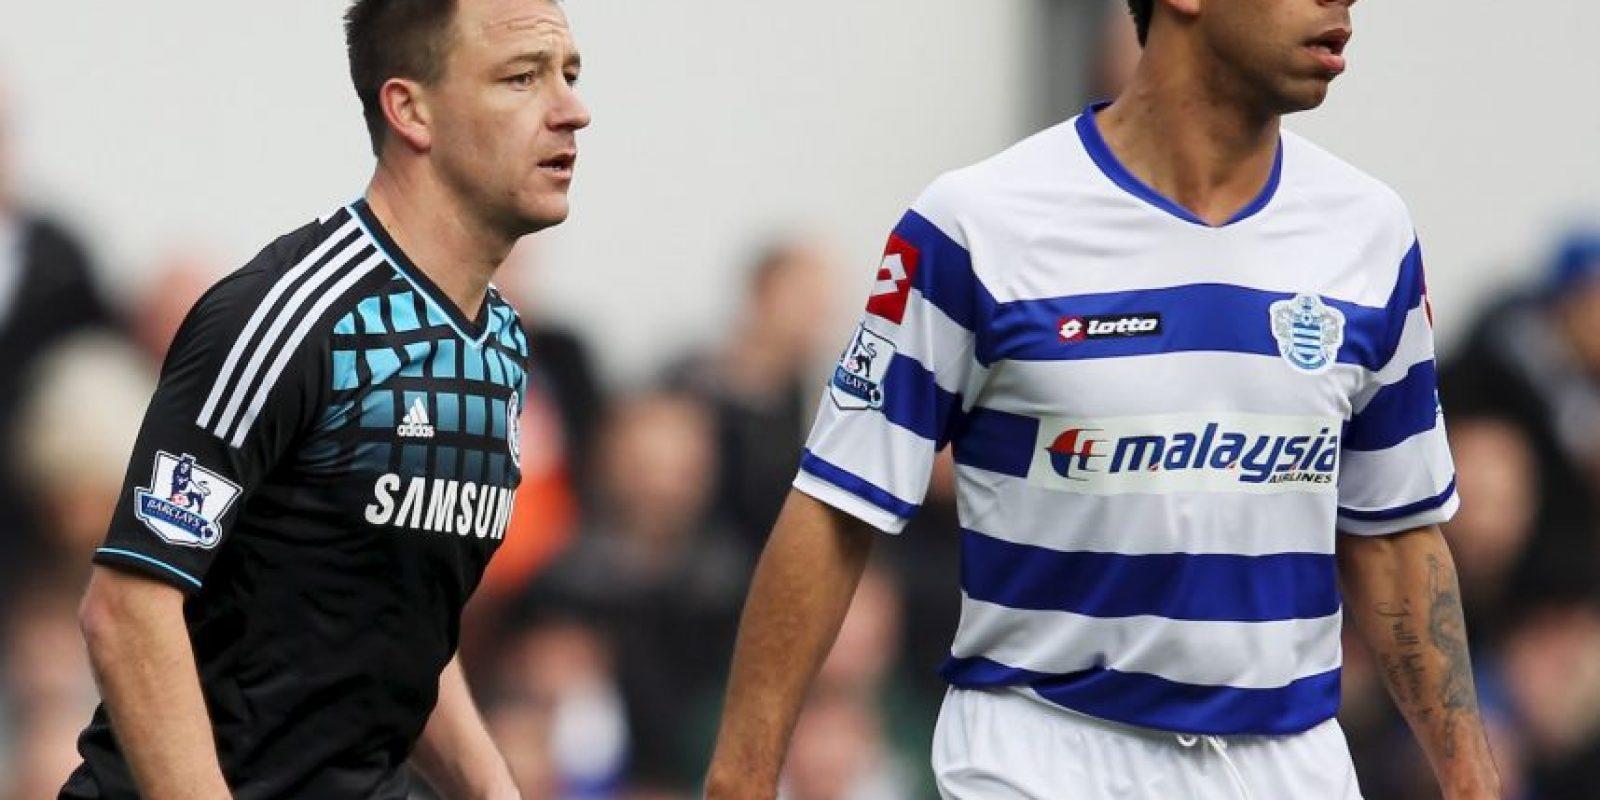 El defensa de Chelsea, John Terry, protagonizó un escándalo de racismo luego de que en 2012, Anton Ferdinand del QPR lo acusara de propinarle insultos racistas durante un partido de la Premier League. Foto:Getty Images